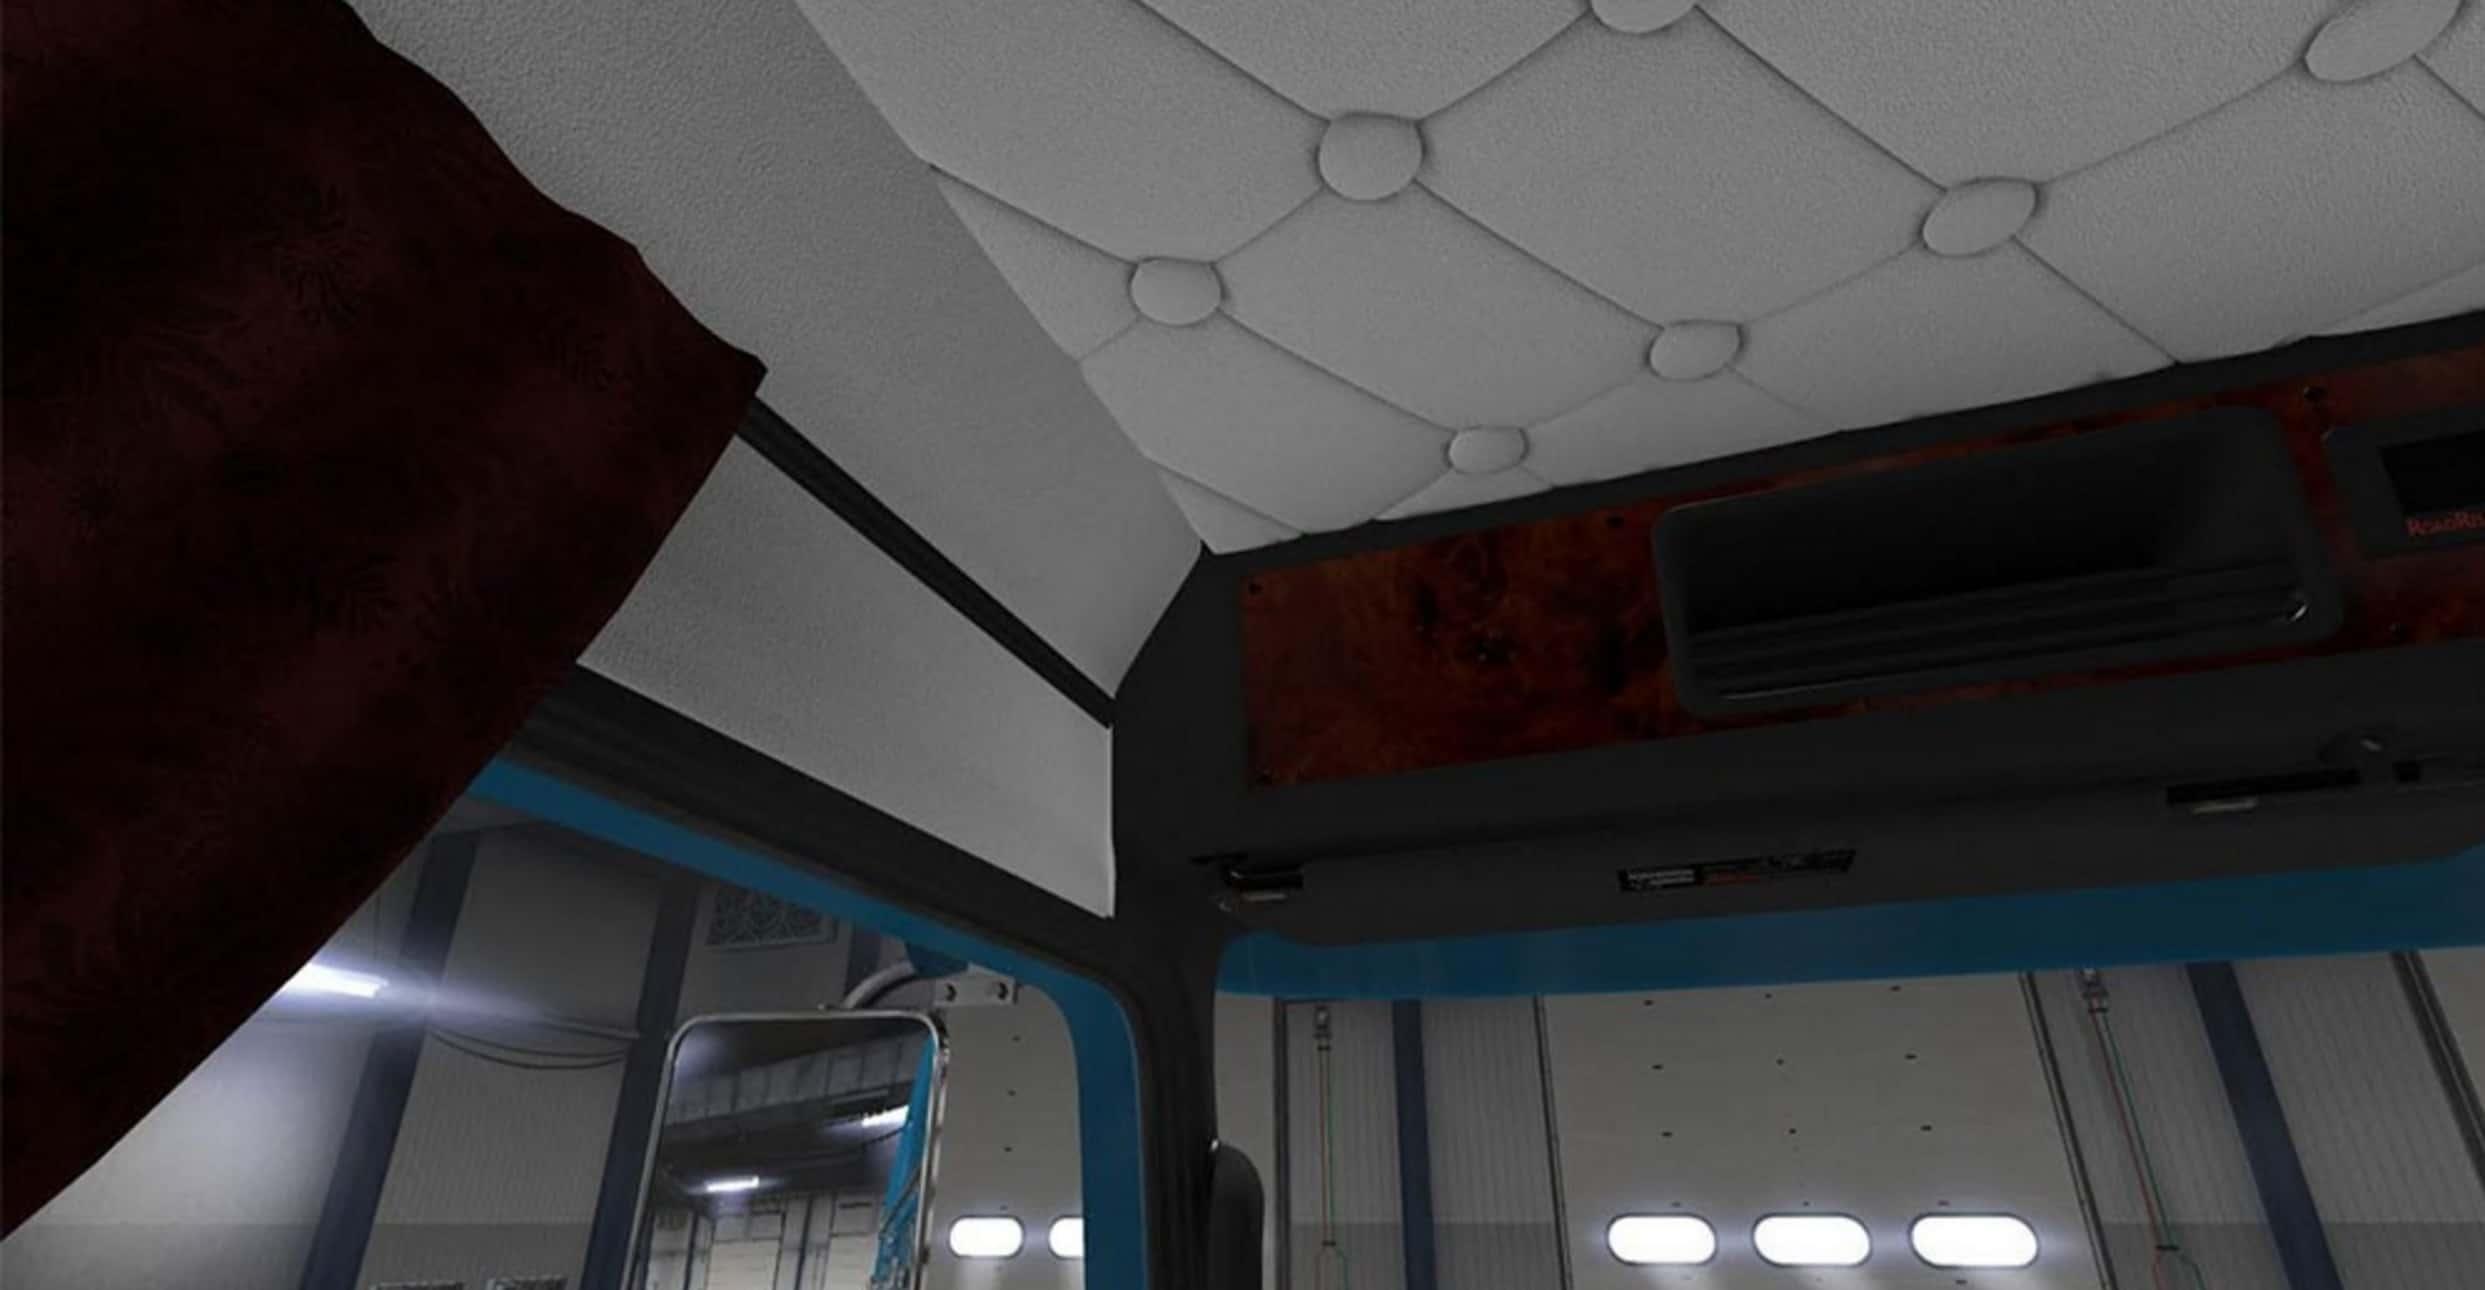 Kenworth K200 V11 Texture Fix for ATS - American Truck Simulator mod | ATS mod